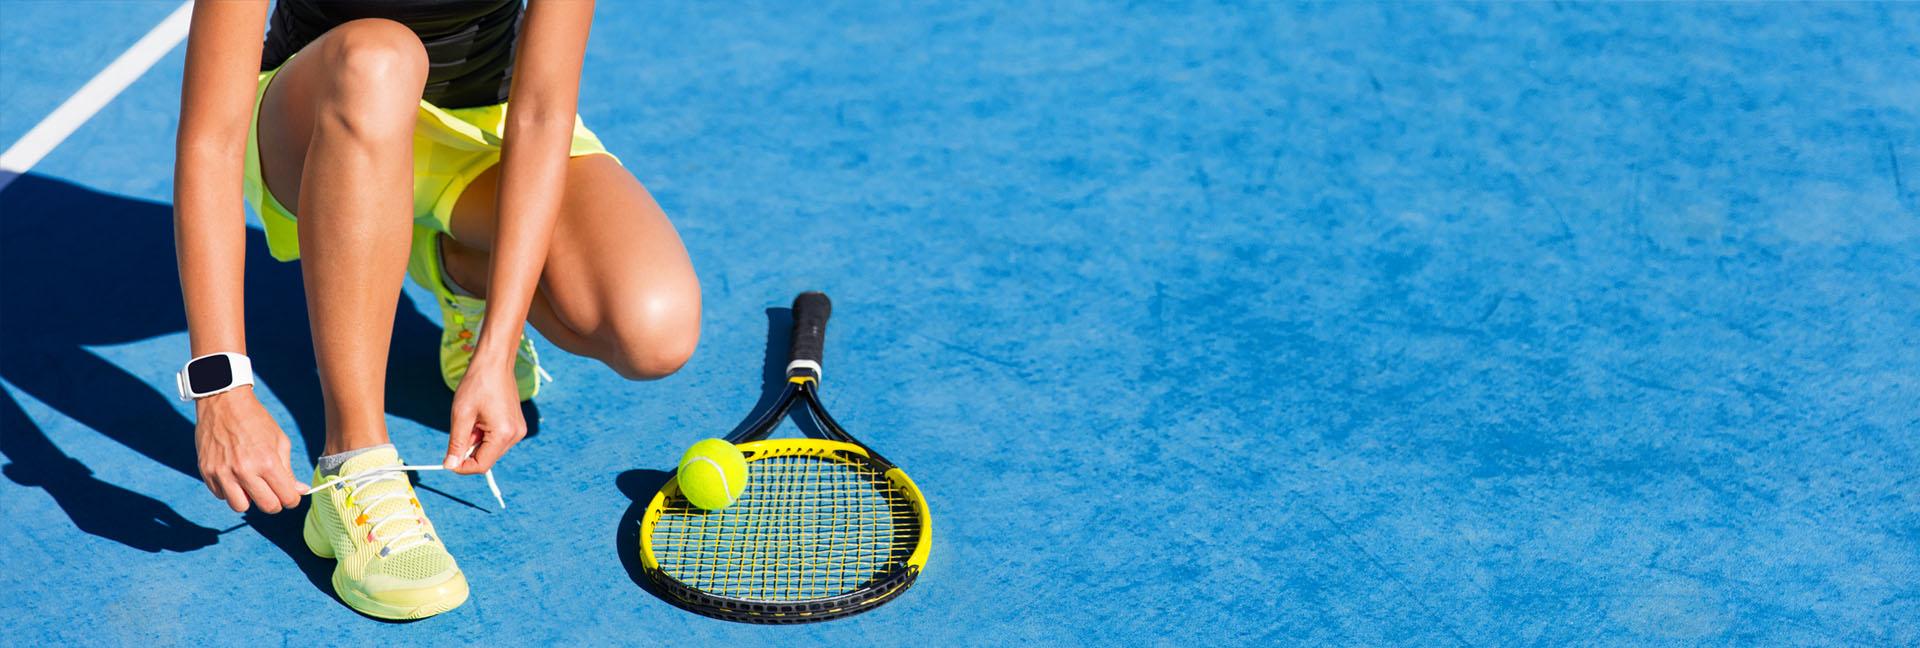 Ernährung für Freizeitsportler, Tennis